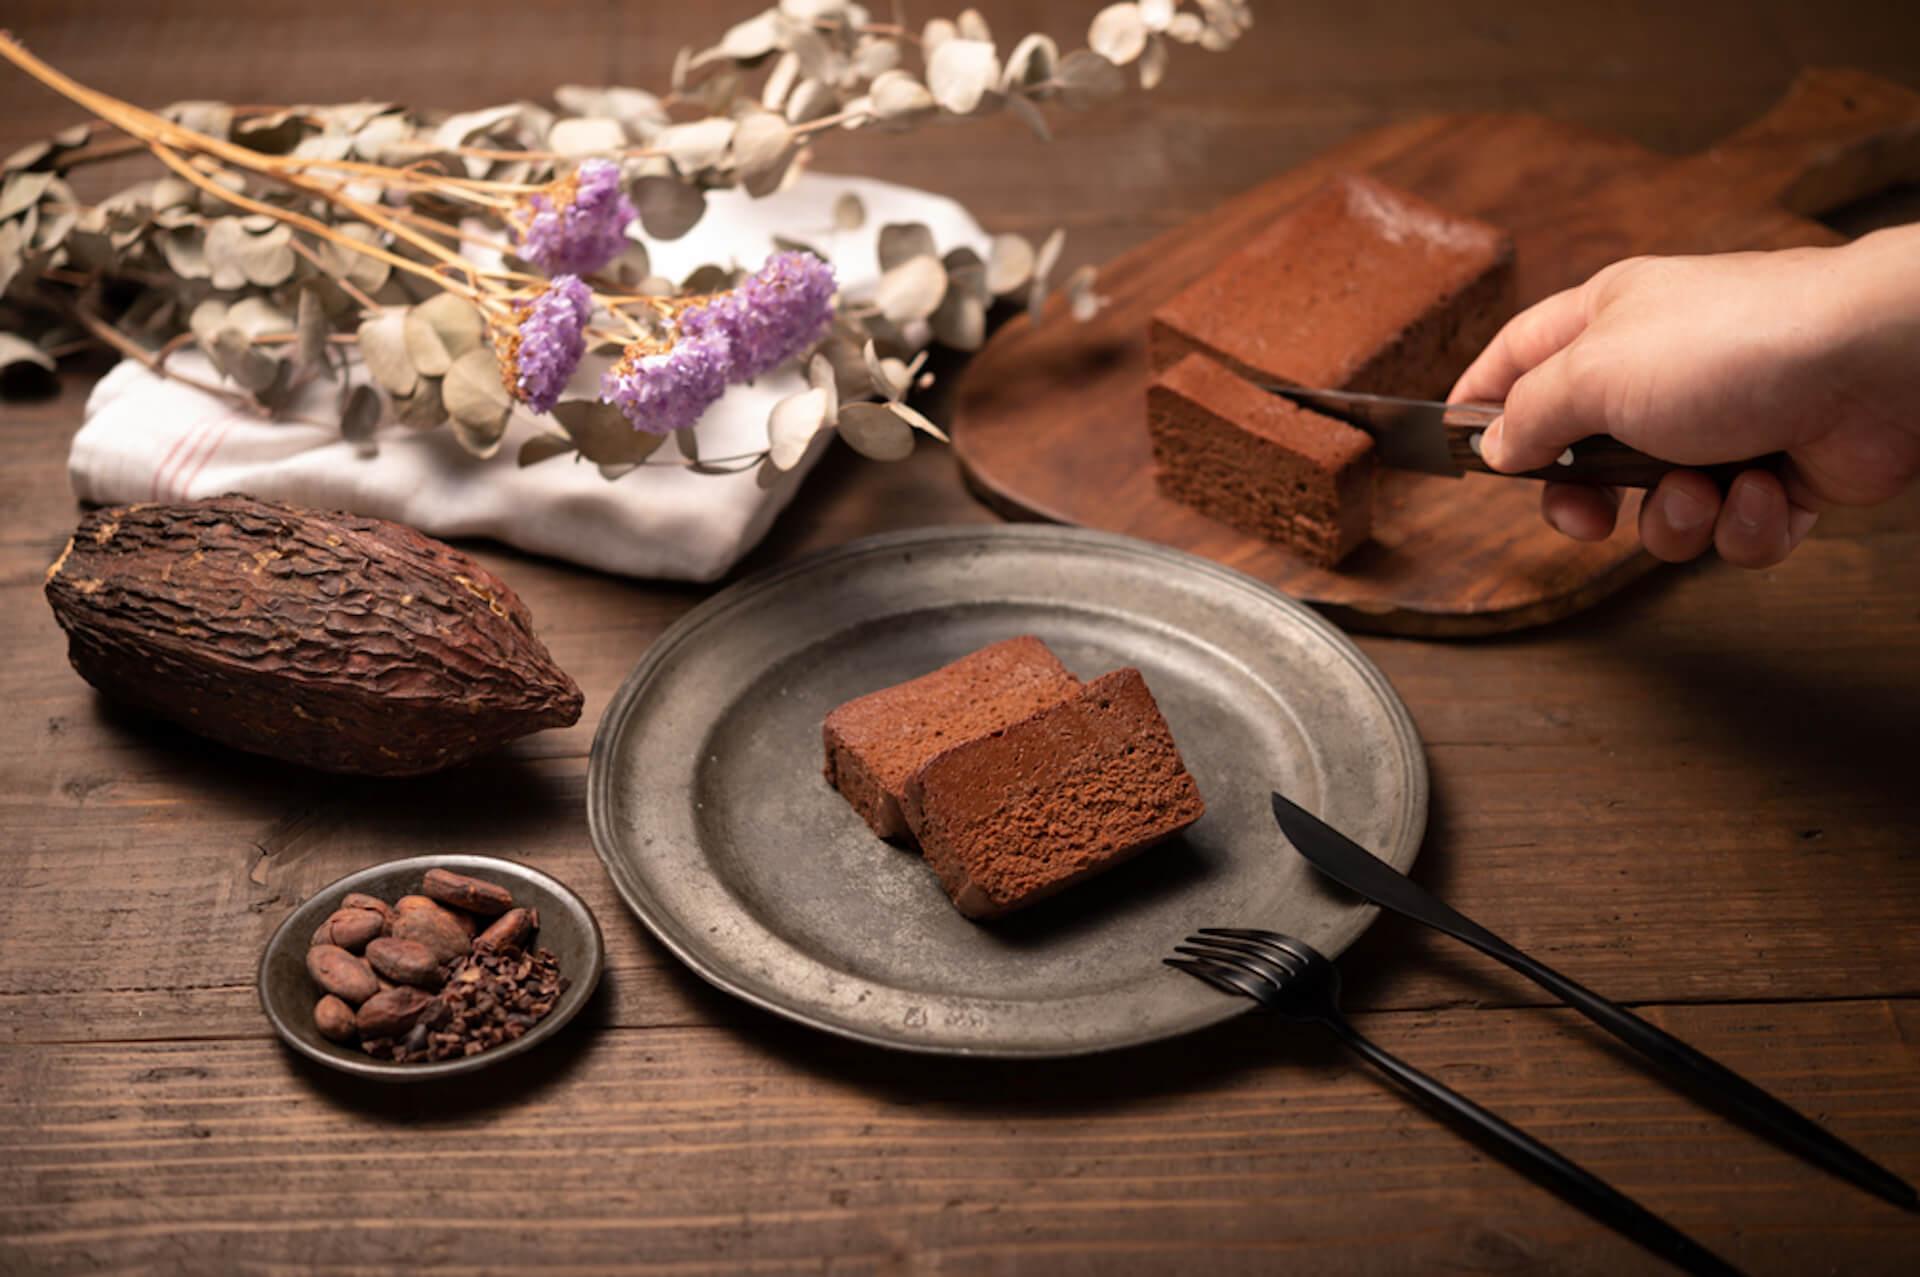 究極のガトーショコラを自由が丘で味わえる!予約半年待ちで話題の「THE LAB」が東京に上陸 gourmet210622_thelab_2